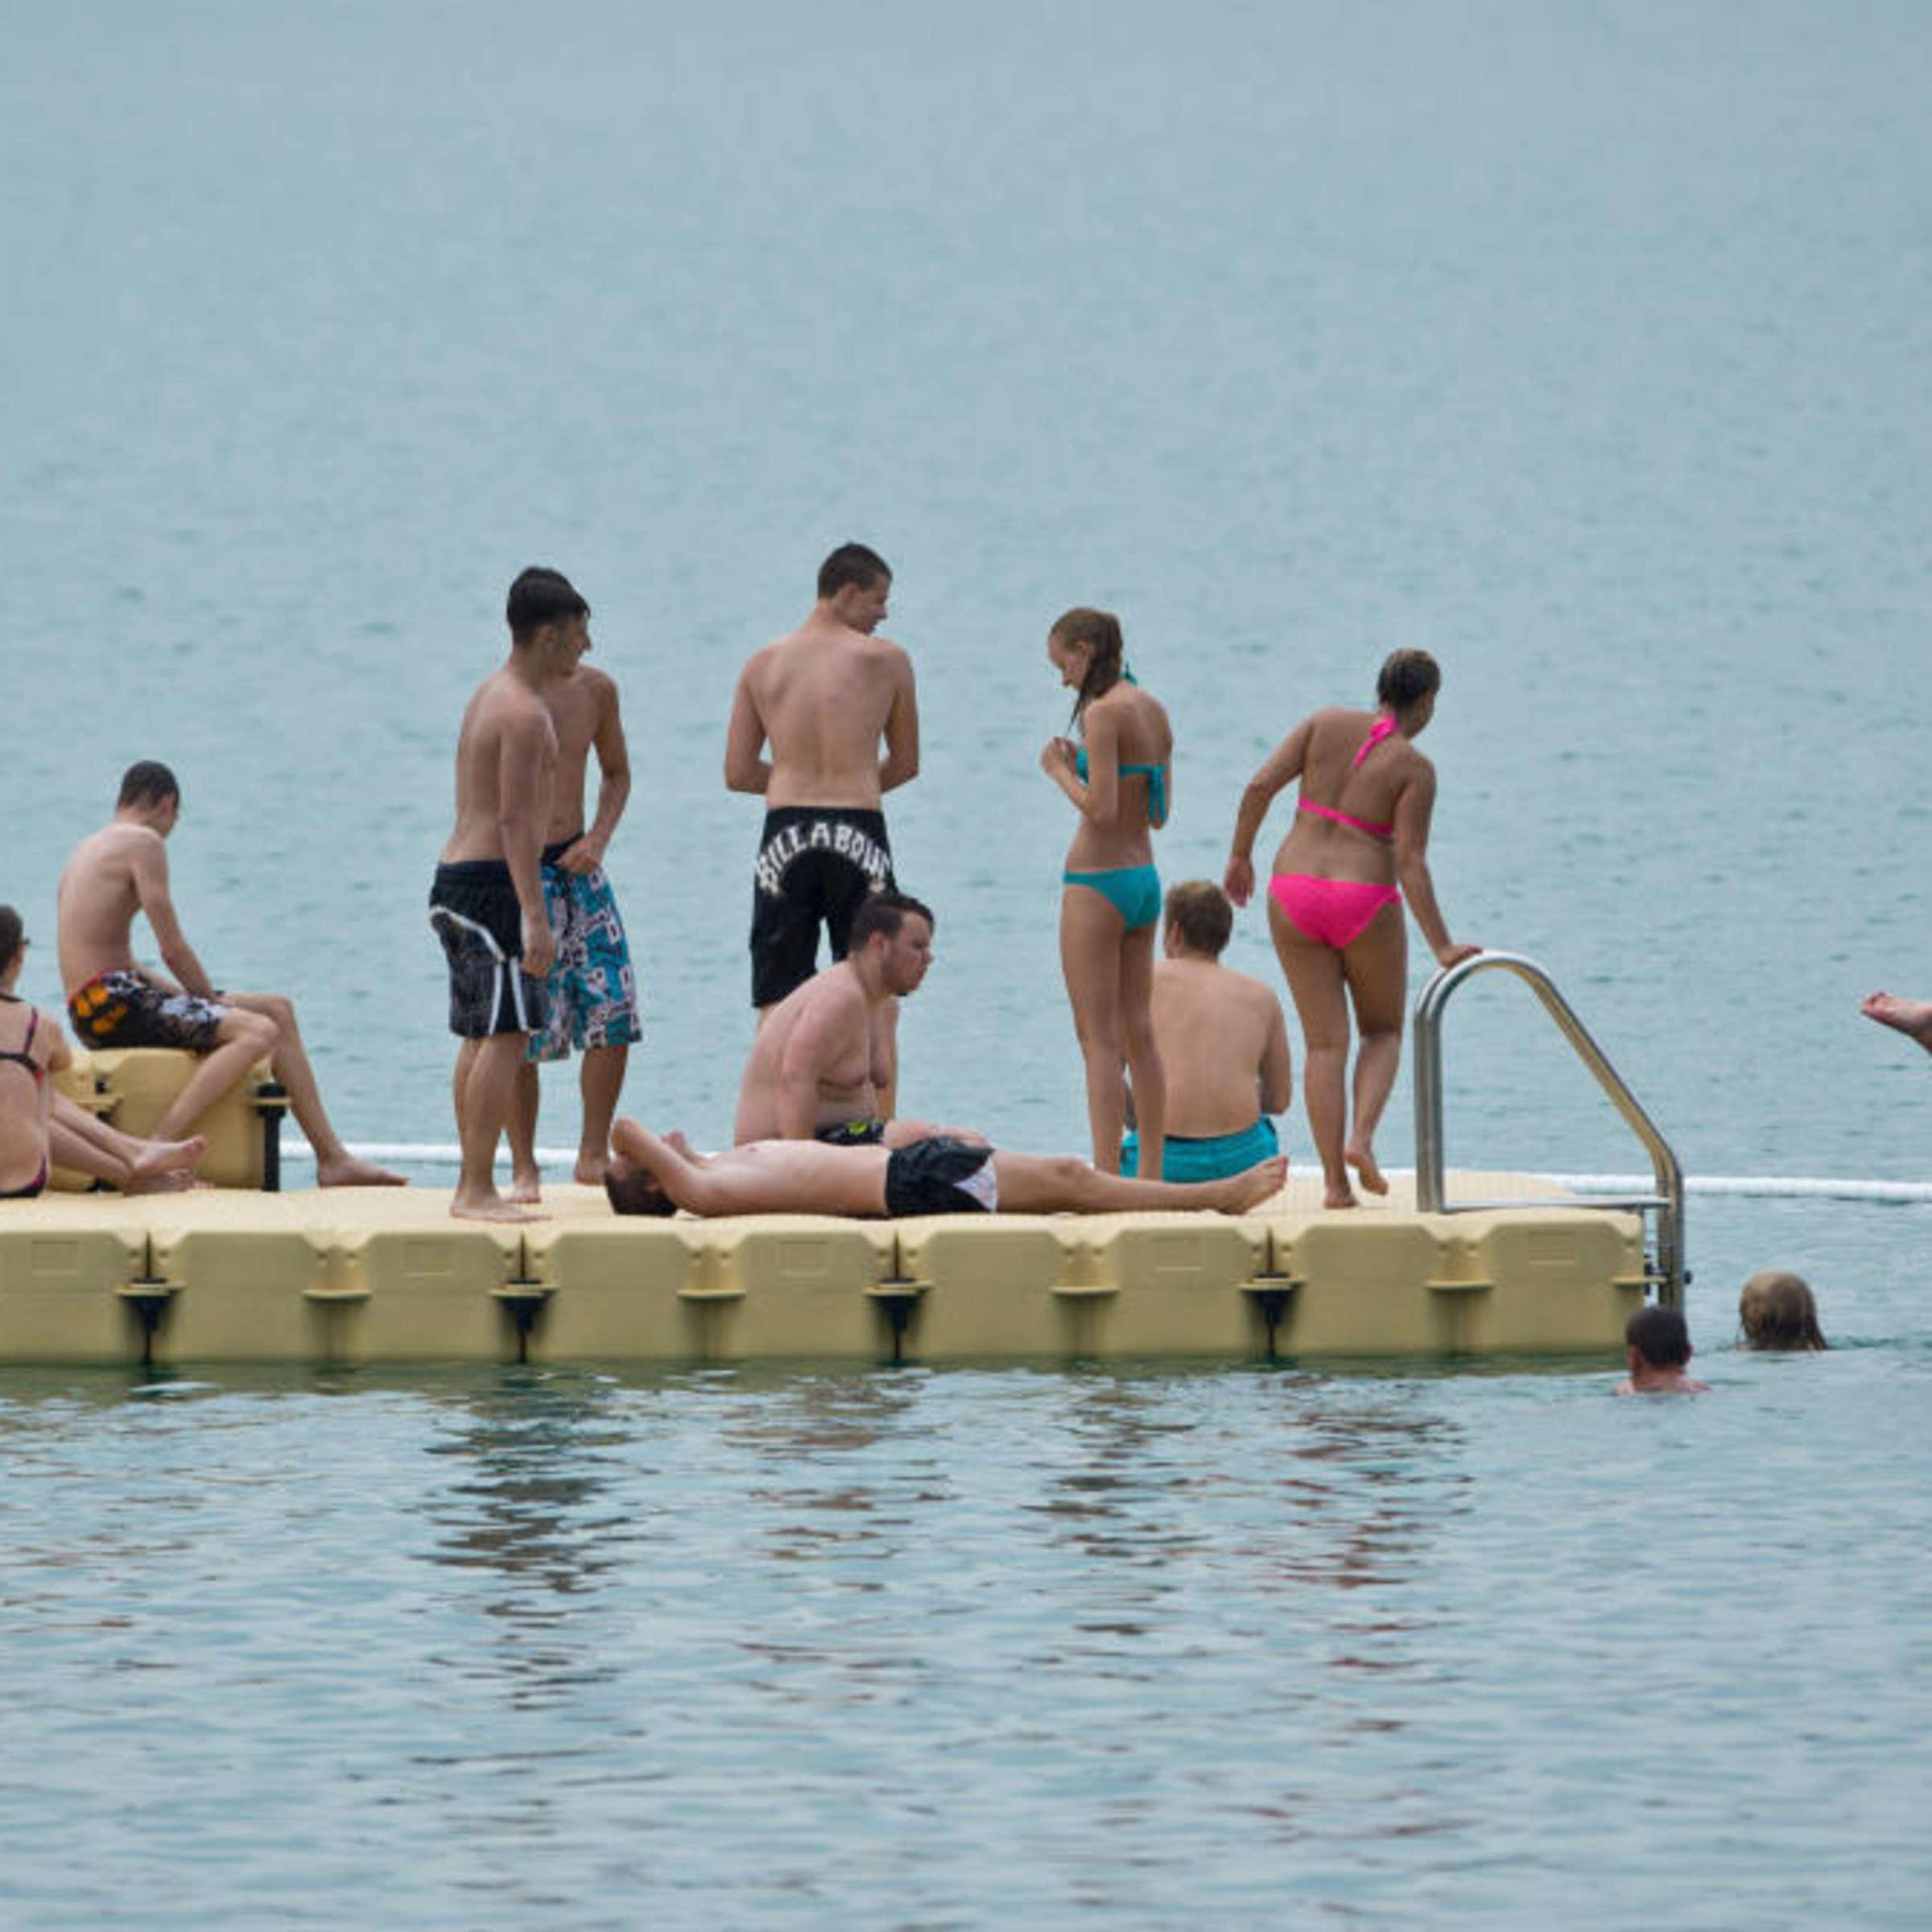 Am see baden nackt Nacktbaden